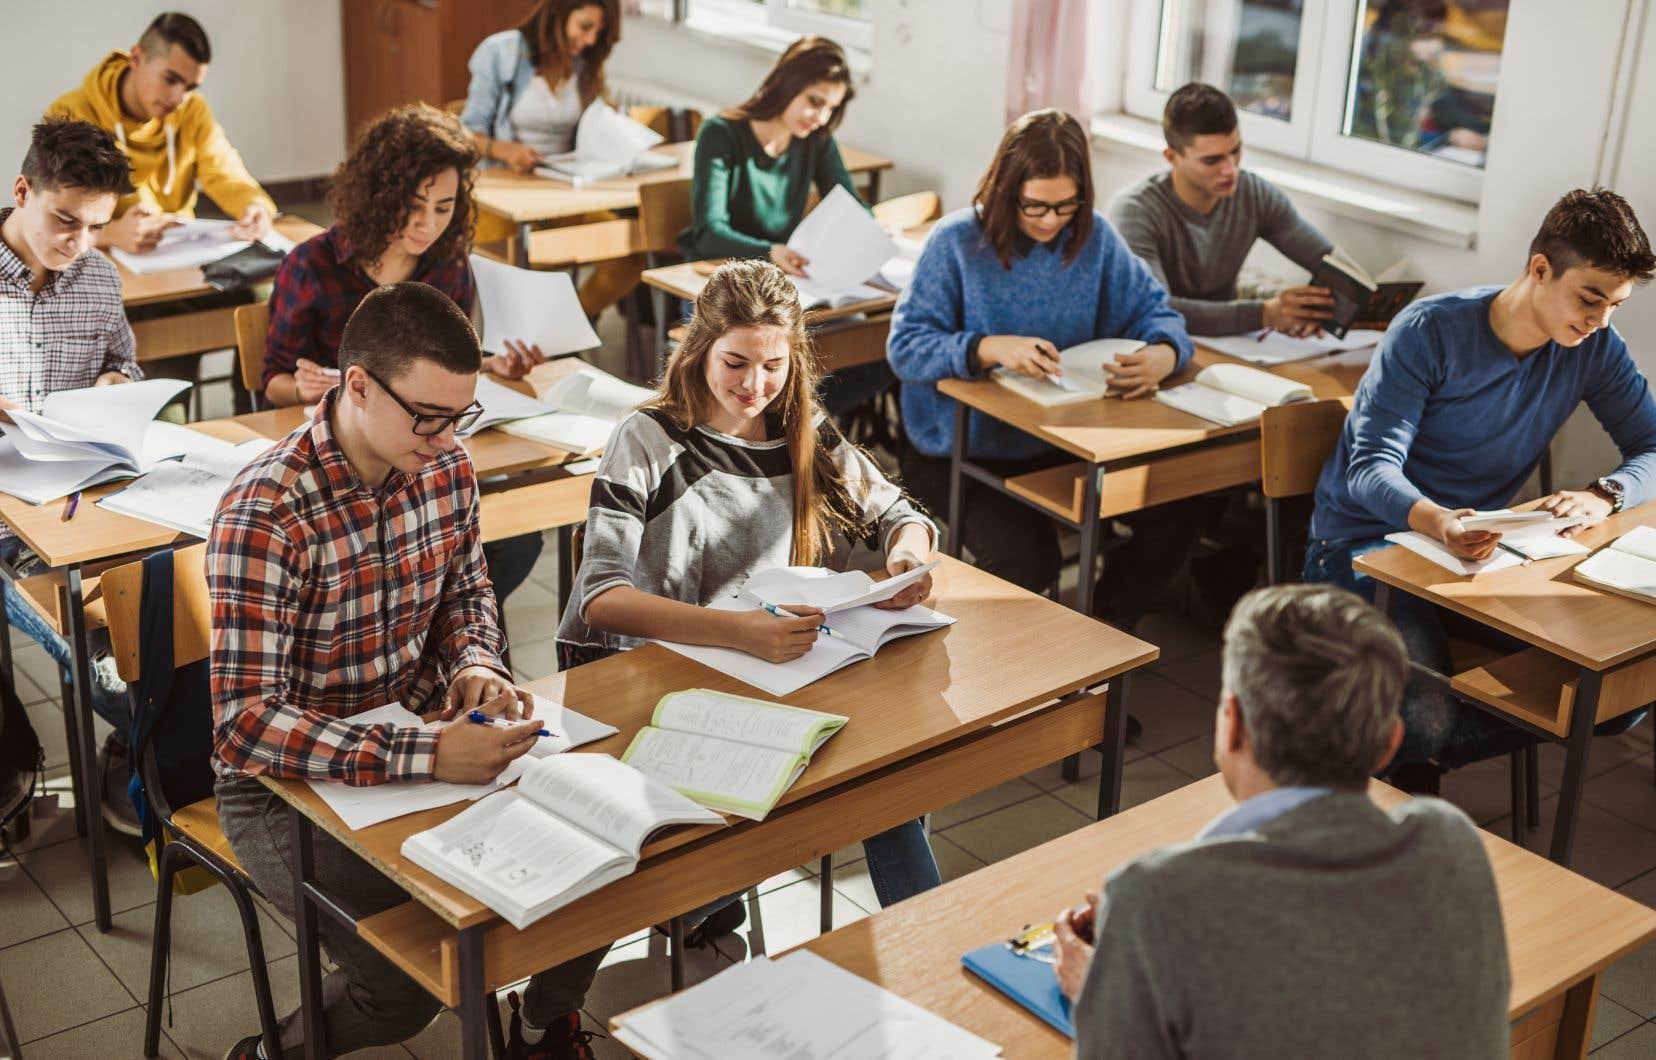 «Les enseignants doivent se sentir soutenus et valorisés», insiste l'auteur.